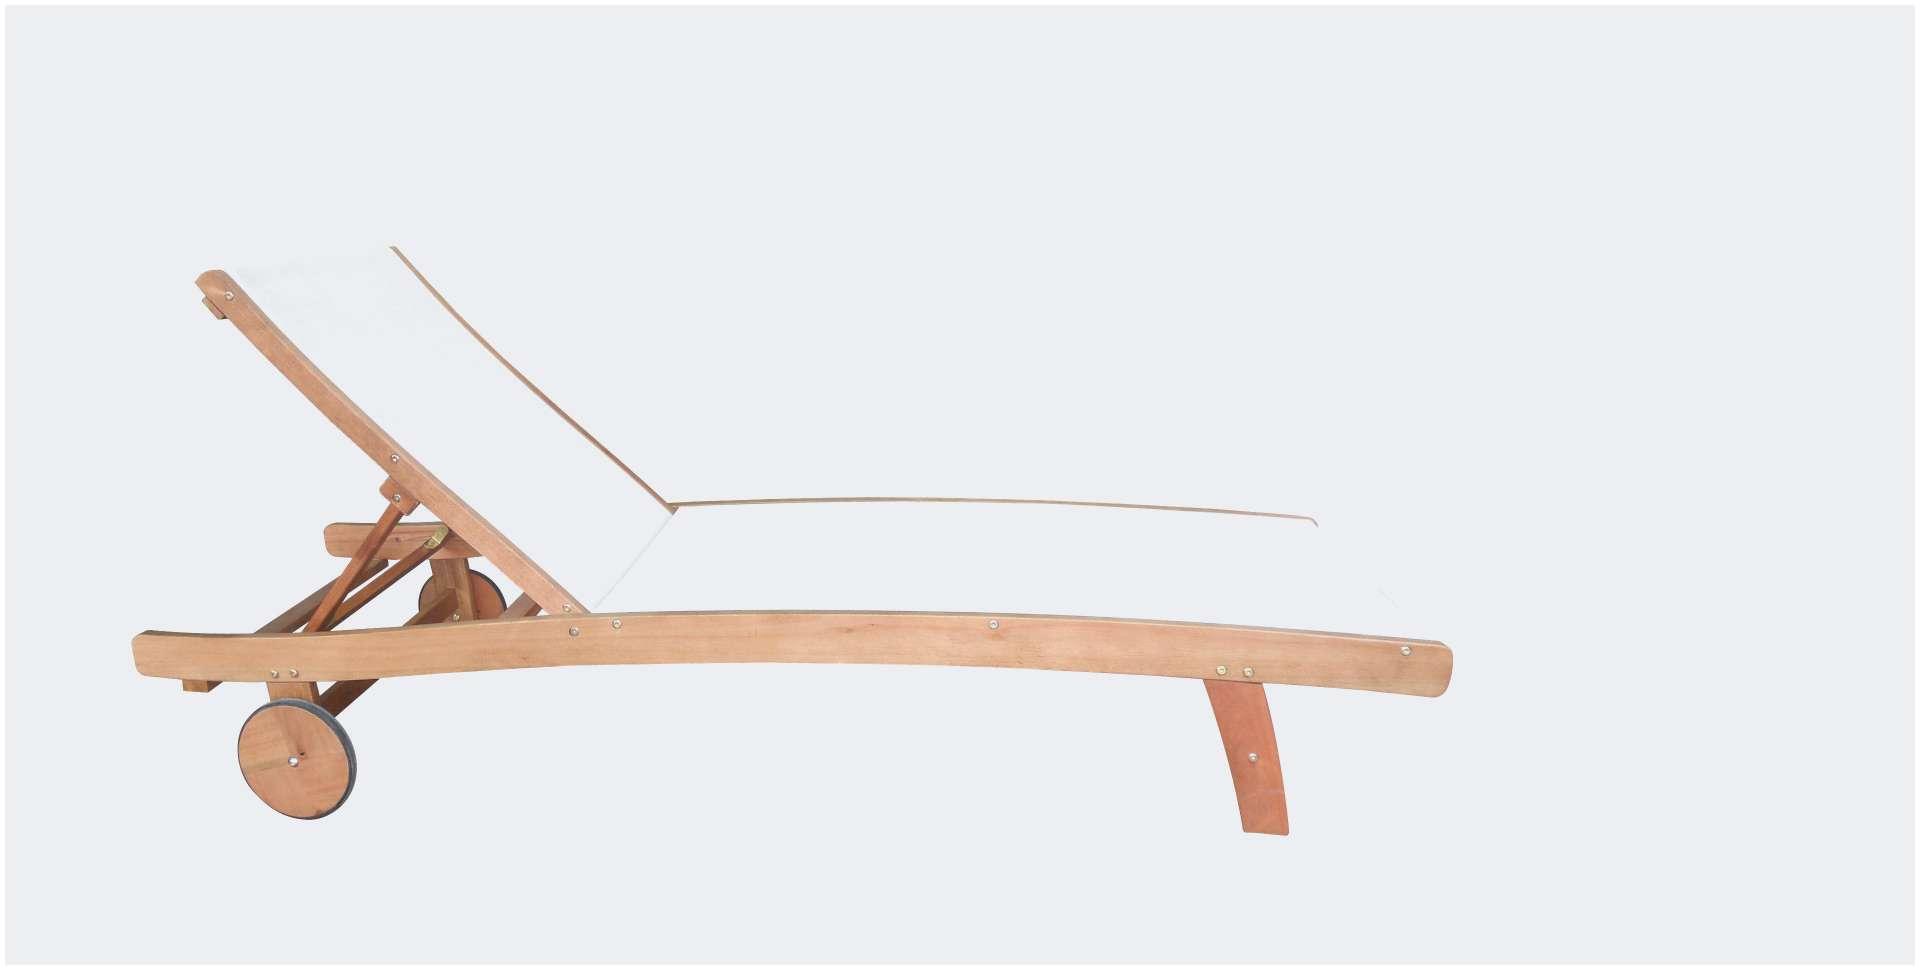 Salon De Jardin Résine Nouveau Impressionnant 76 Beau Stock De Table Pliante Lidl Pour